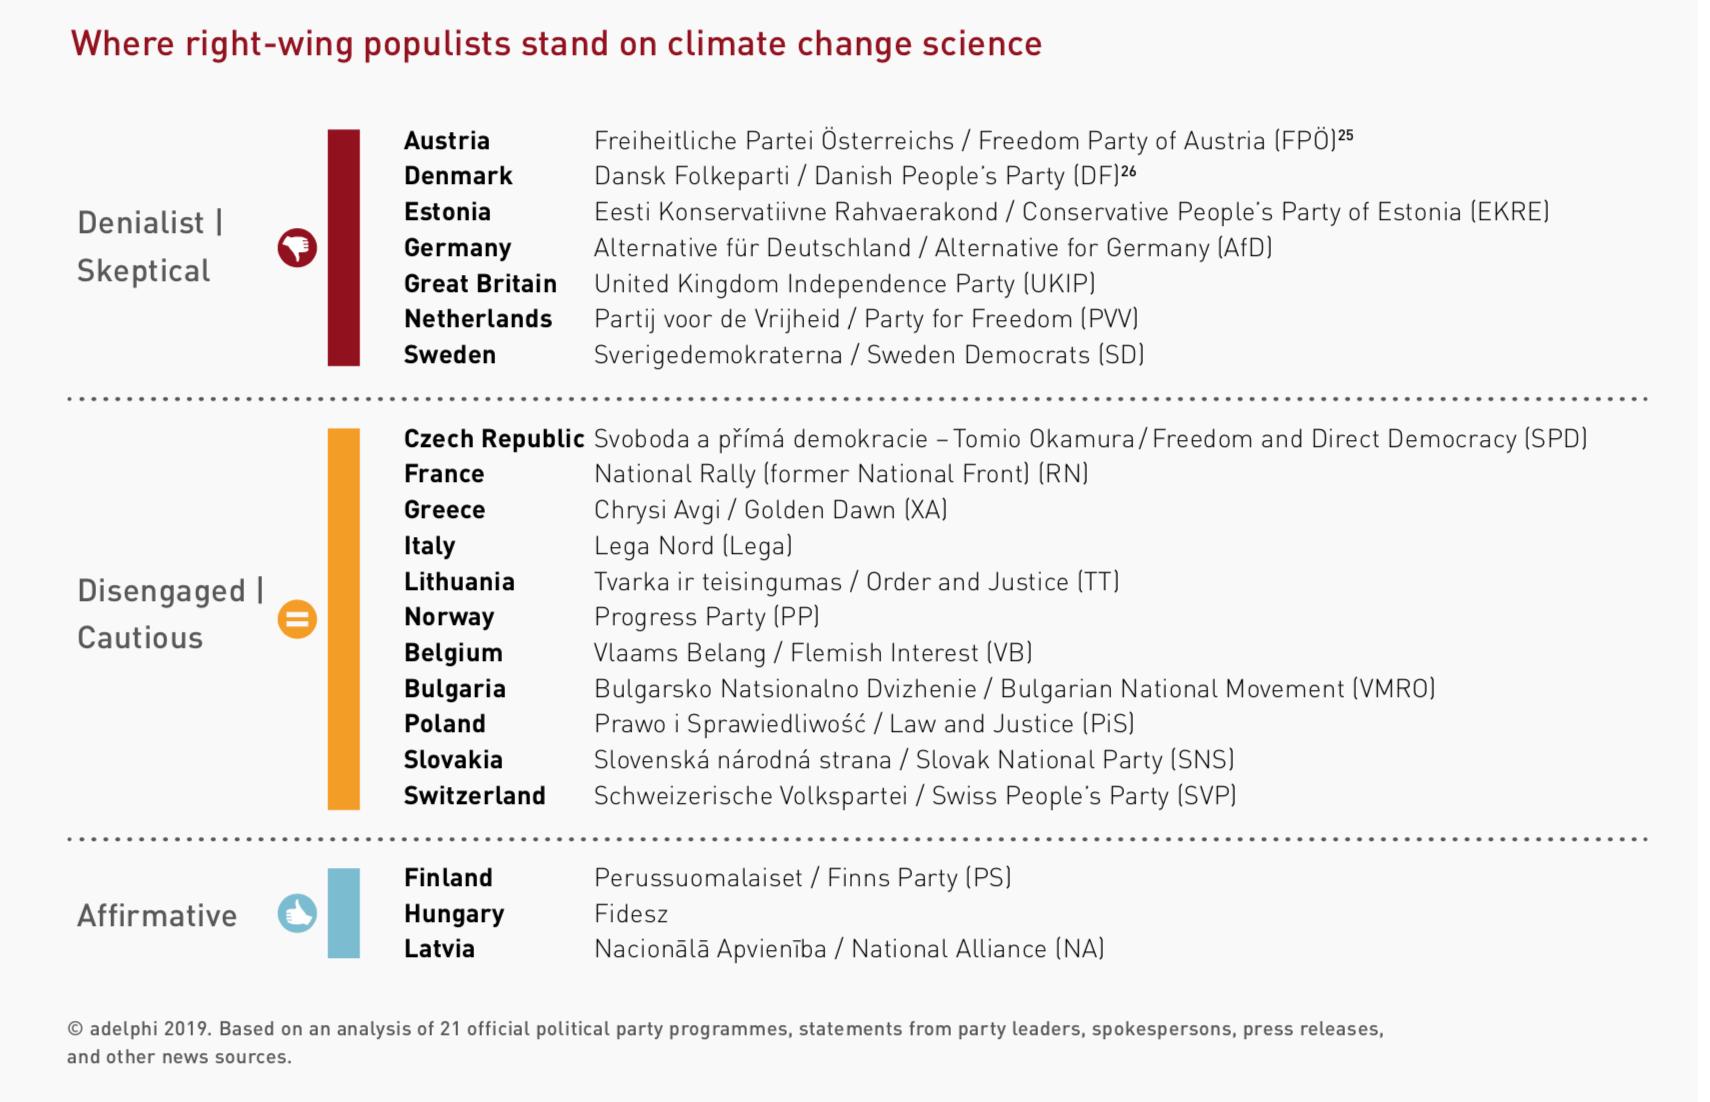 Rechtspopulisten/-extreme und Klimawandel (adelphi, S. 11)